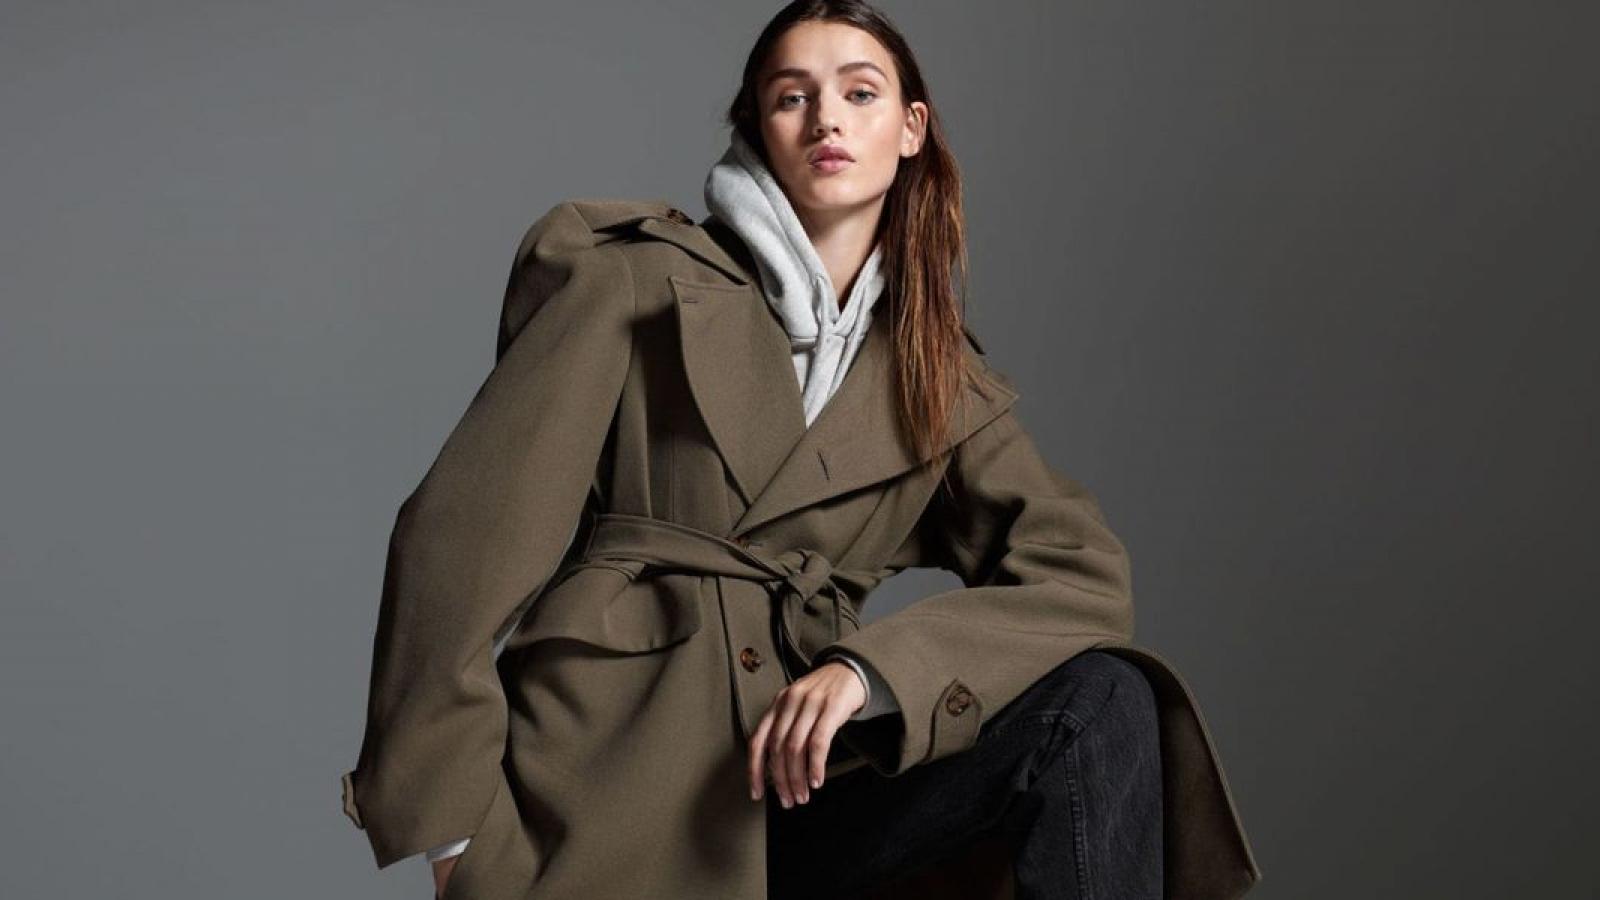 10 chiếc áo khoác hoàn hảo cho mùa xuân của các cô nàng sành điệu